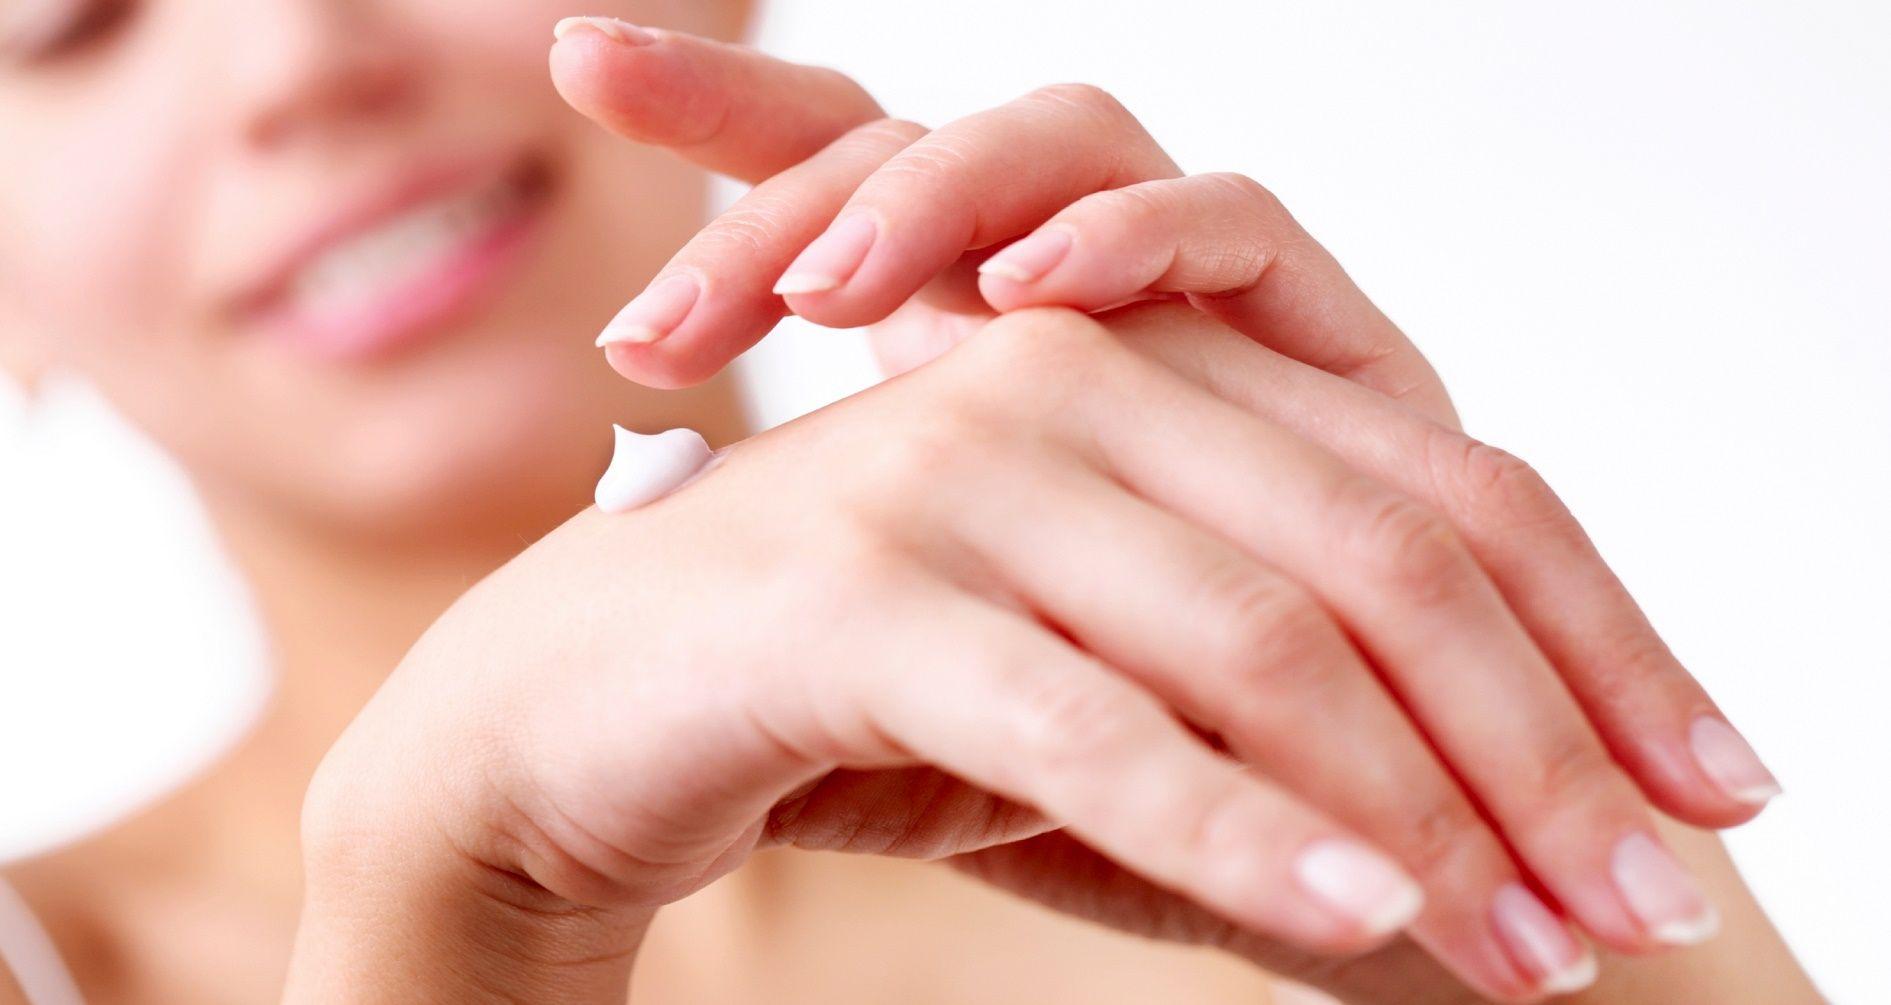 3 ricette per preparare una crema per le mani fai da te